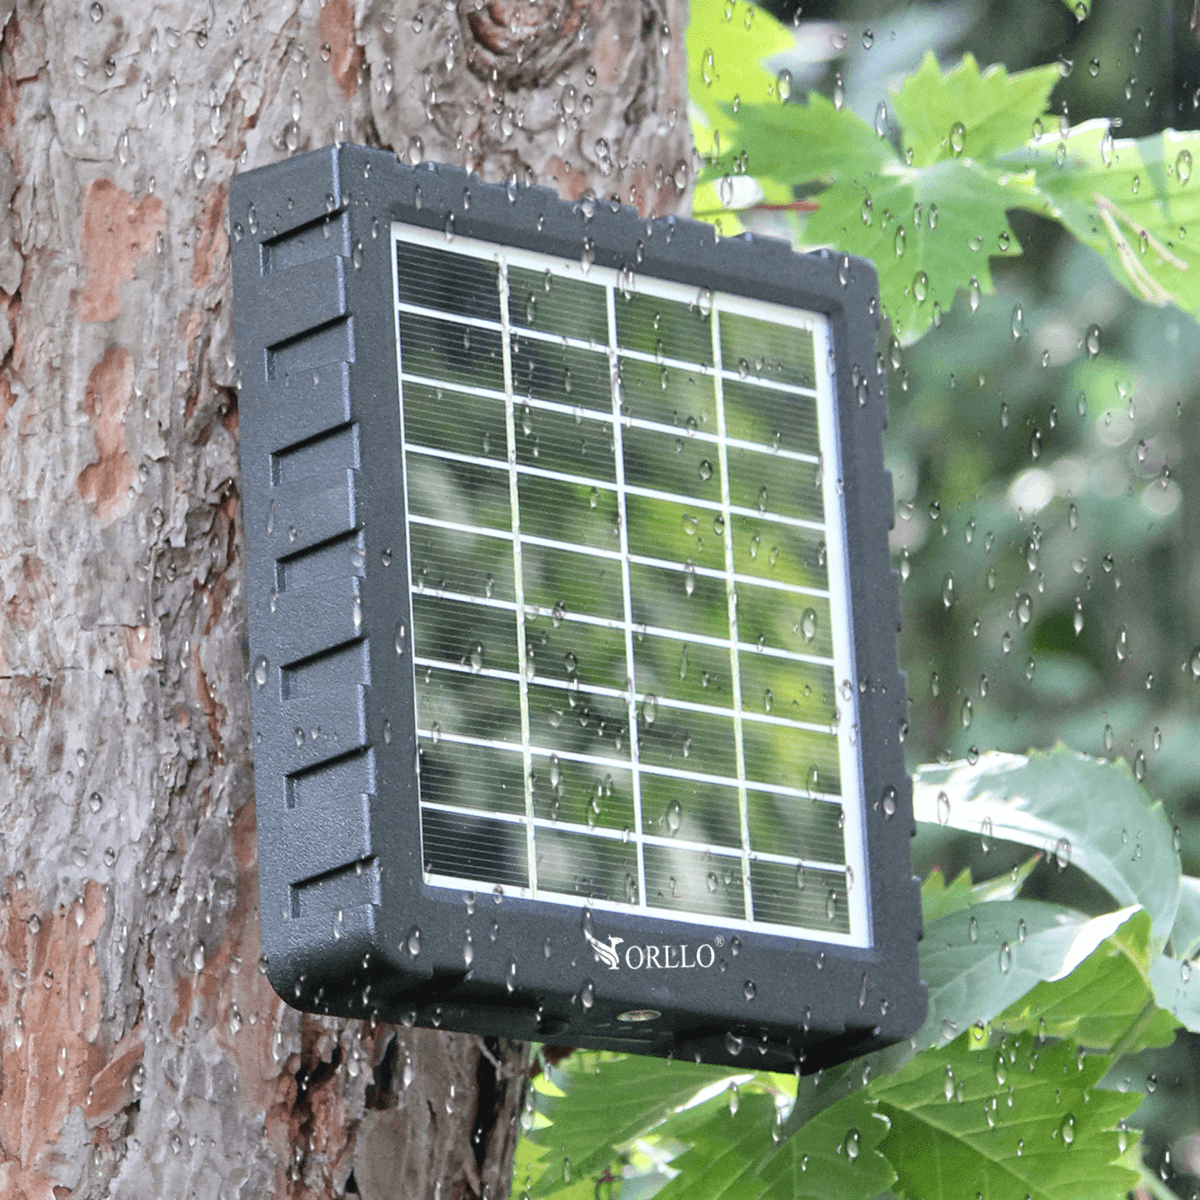 Panele słoneczne do fotopułapki IP54  orllo.pl